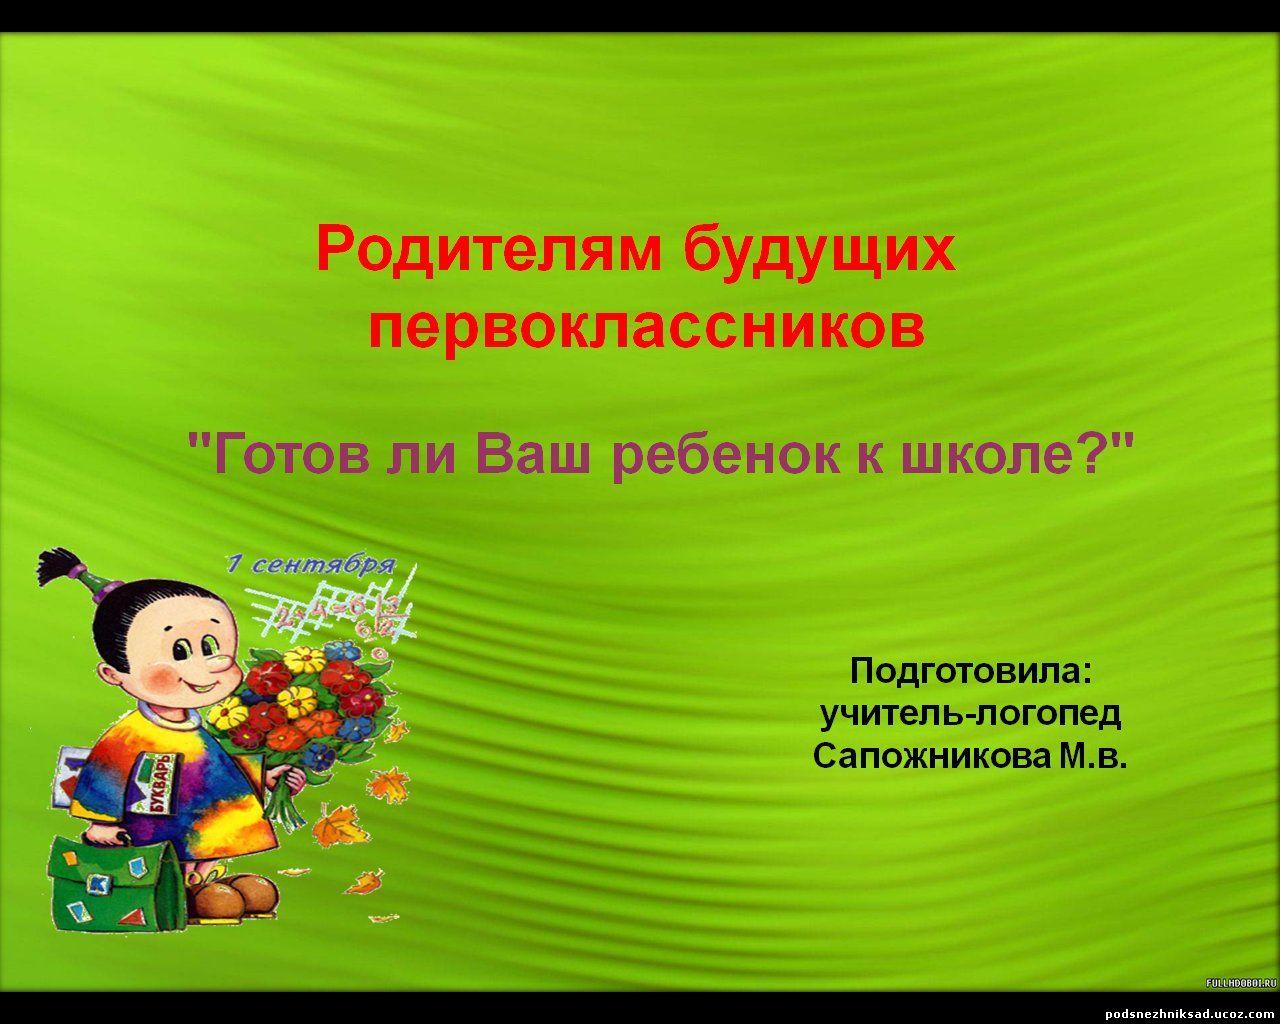 презентации парциальных a в детском саду